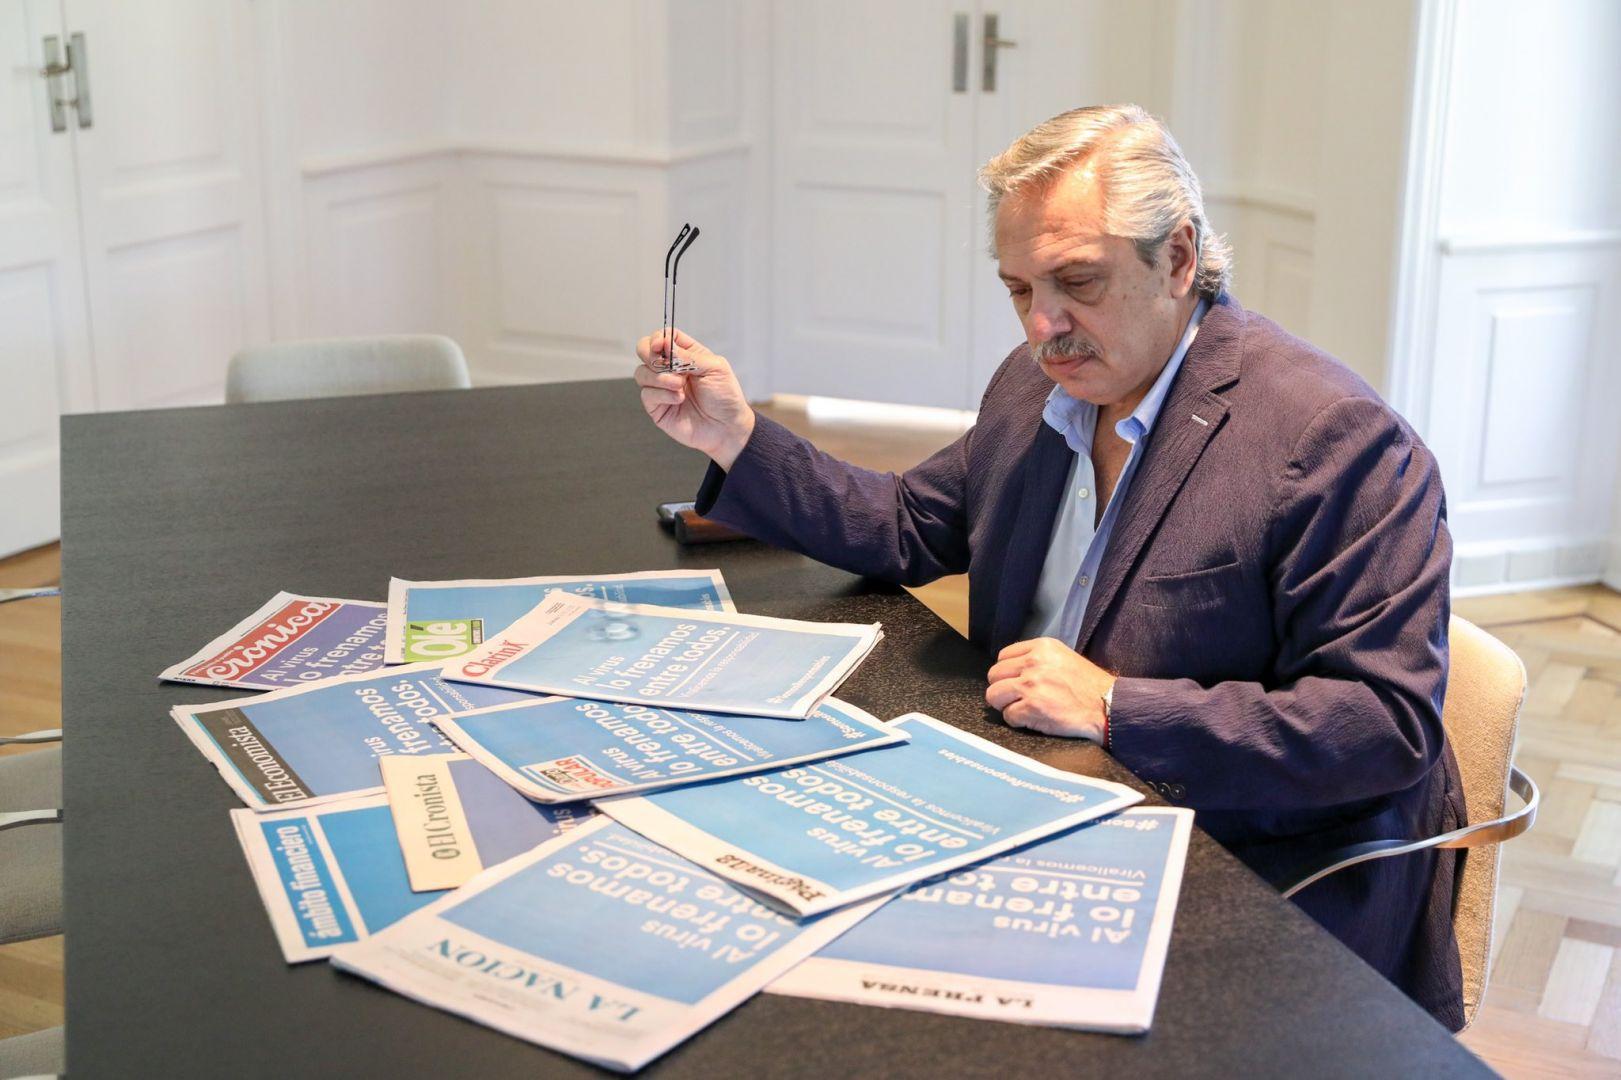 Ayer el presidente argentino viendo la portada de todos los diarios que se pusieron de acuerdo en la campaña de prevención